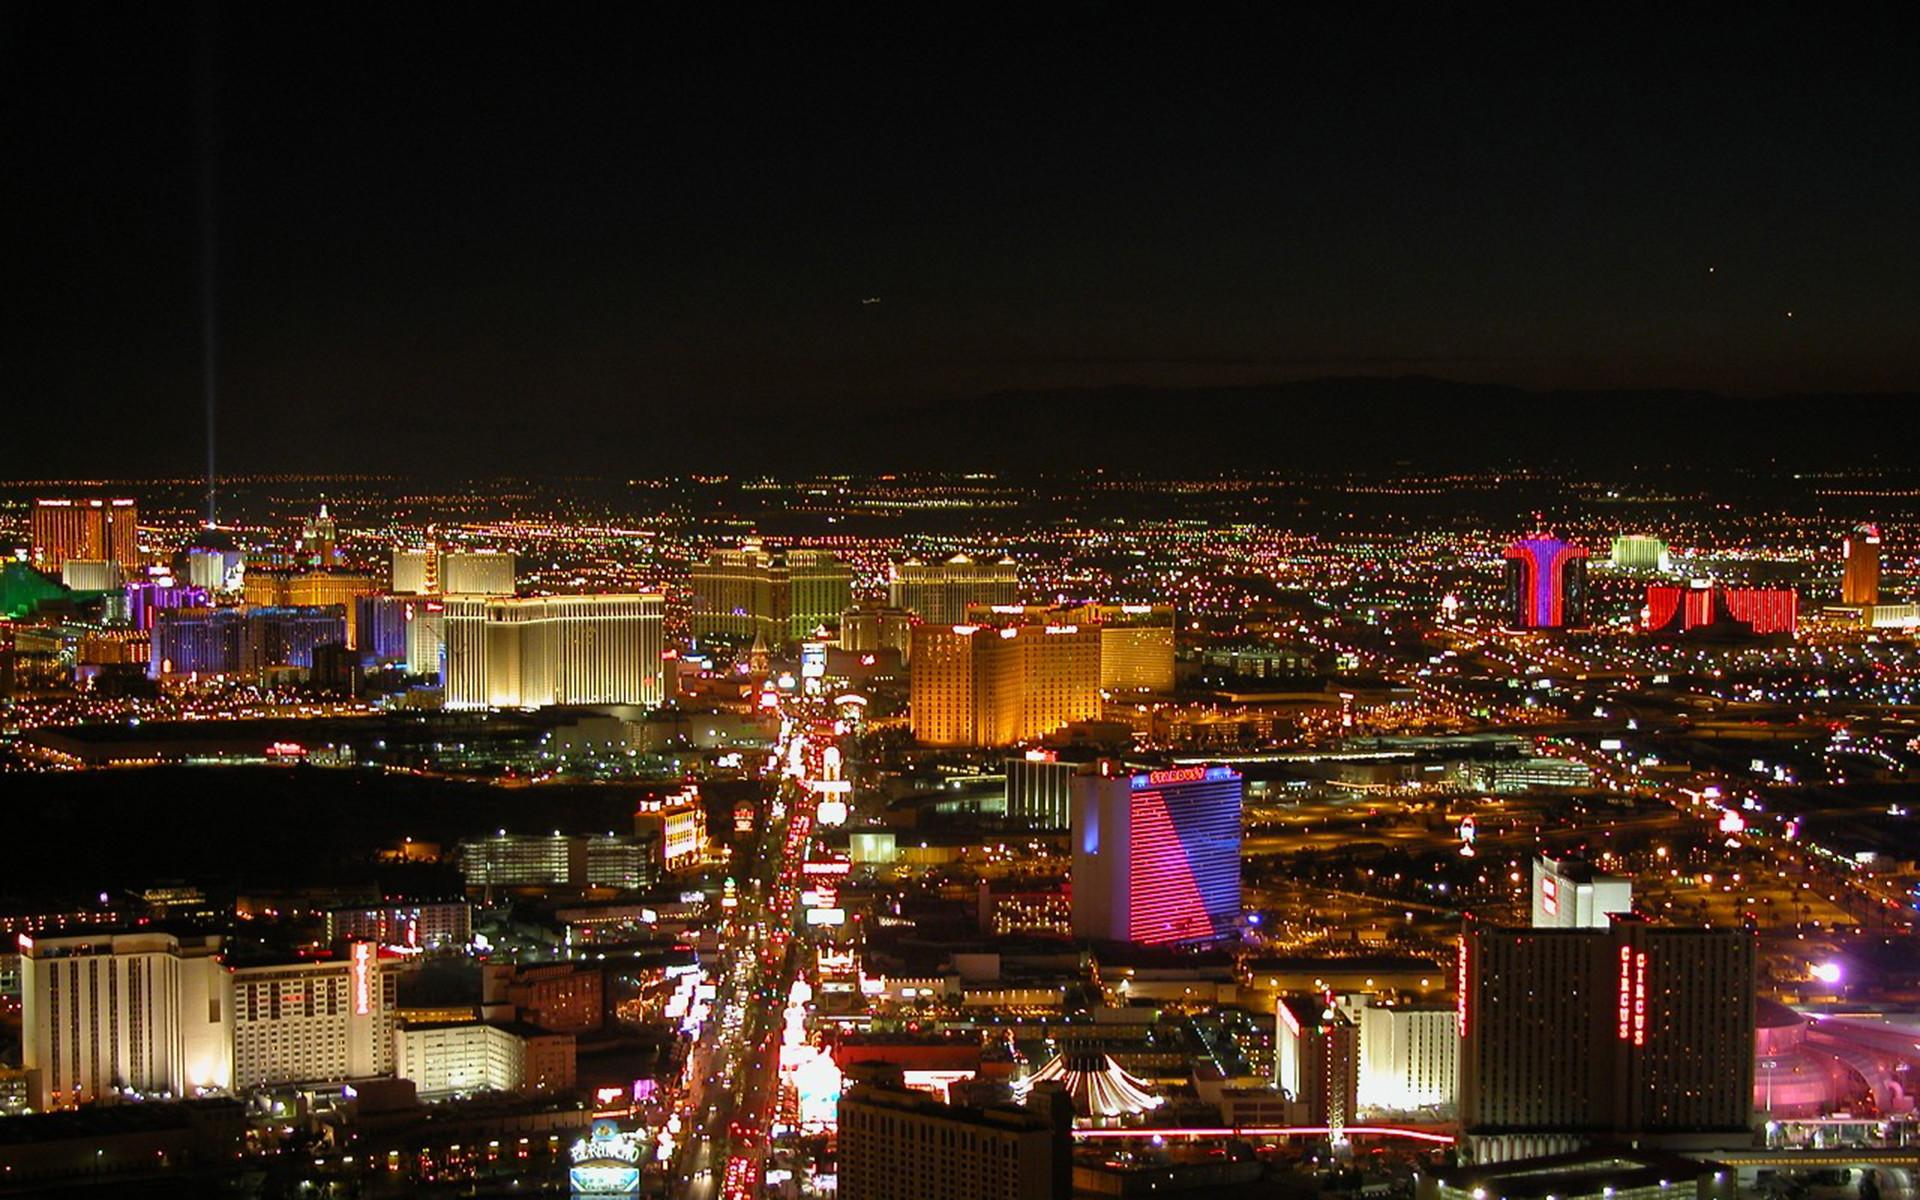 Las Vegas Backgrounds Wallpapers: Las Vegas Desktop Wallpaper (60+ Images